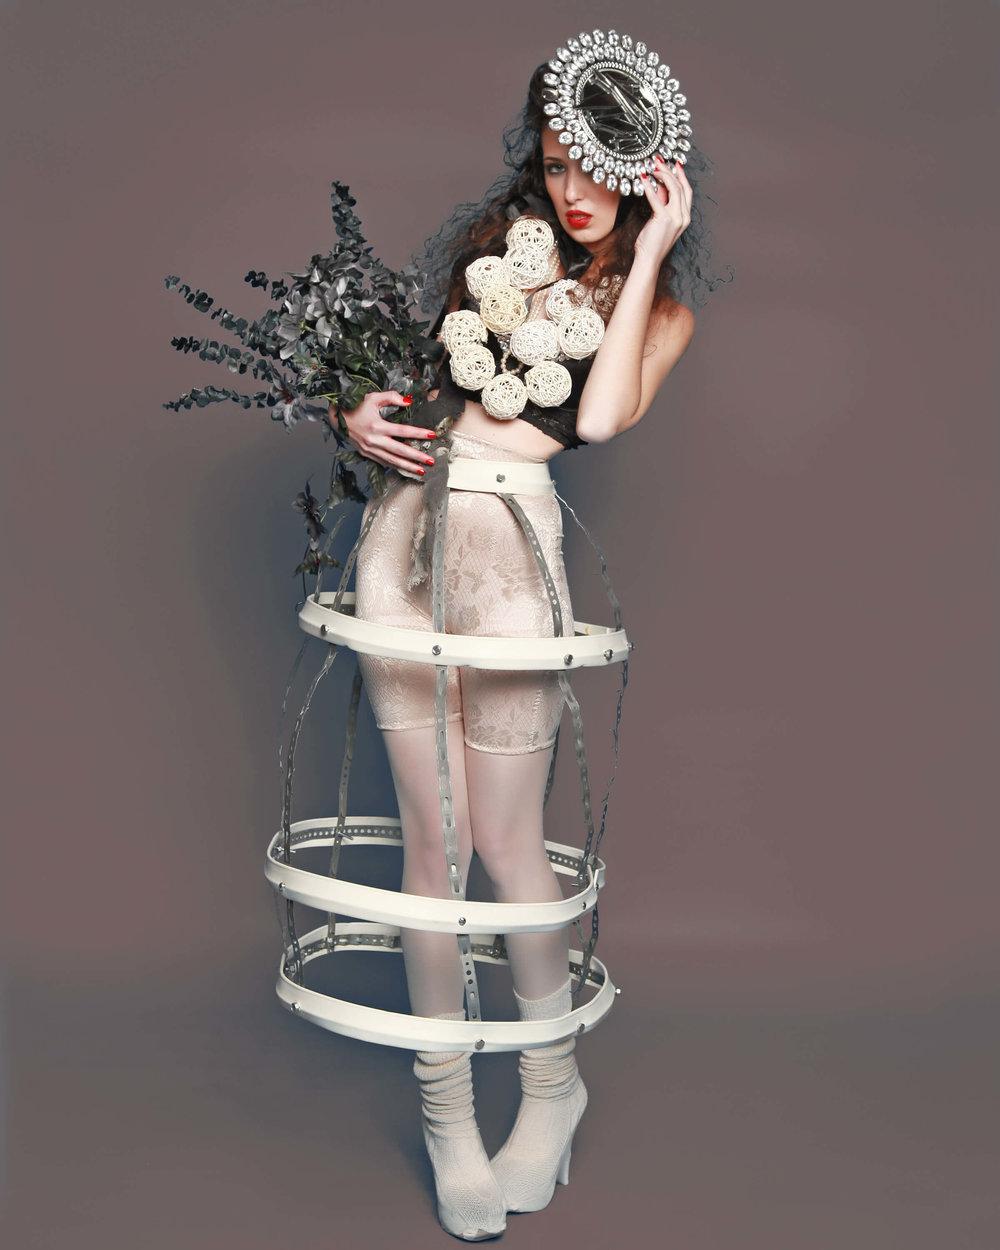 fashion_ashleybaker.jpg